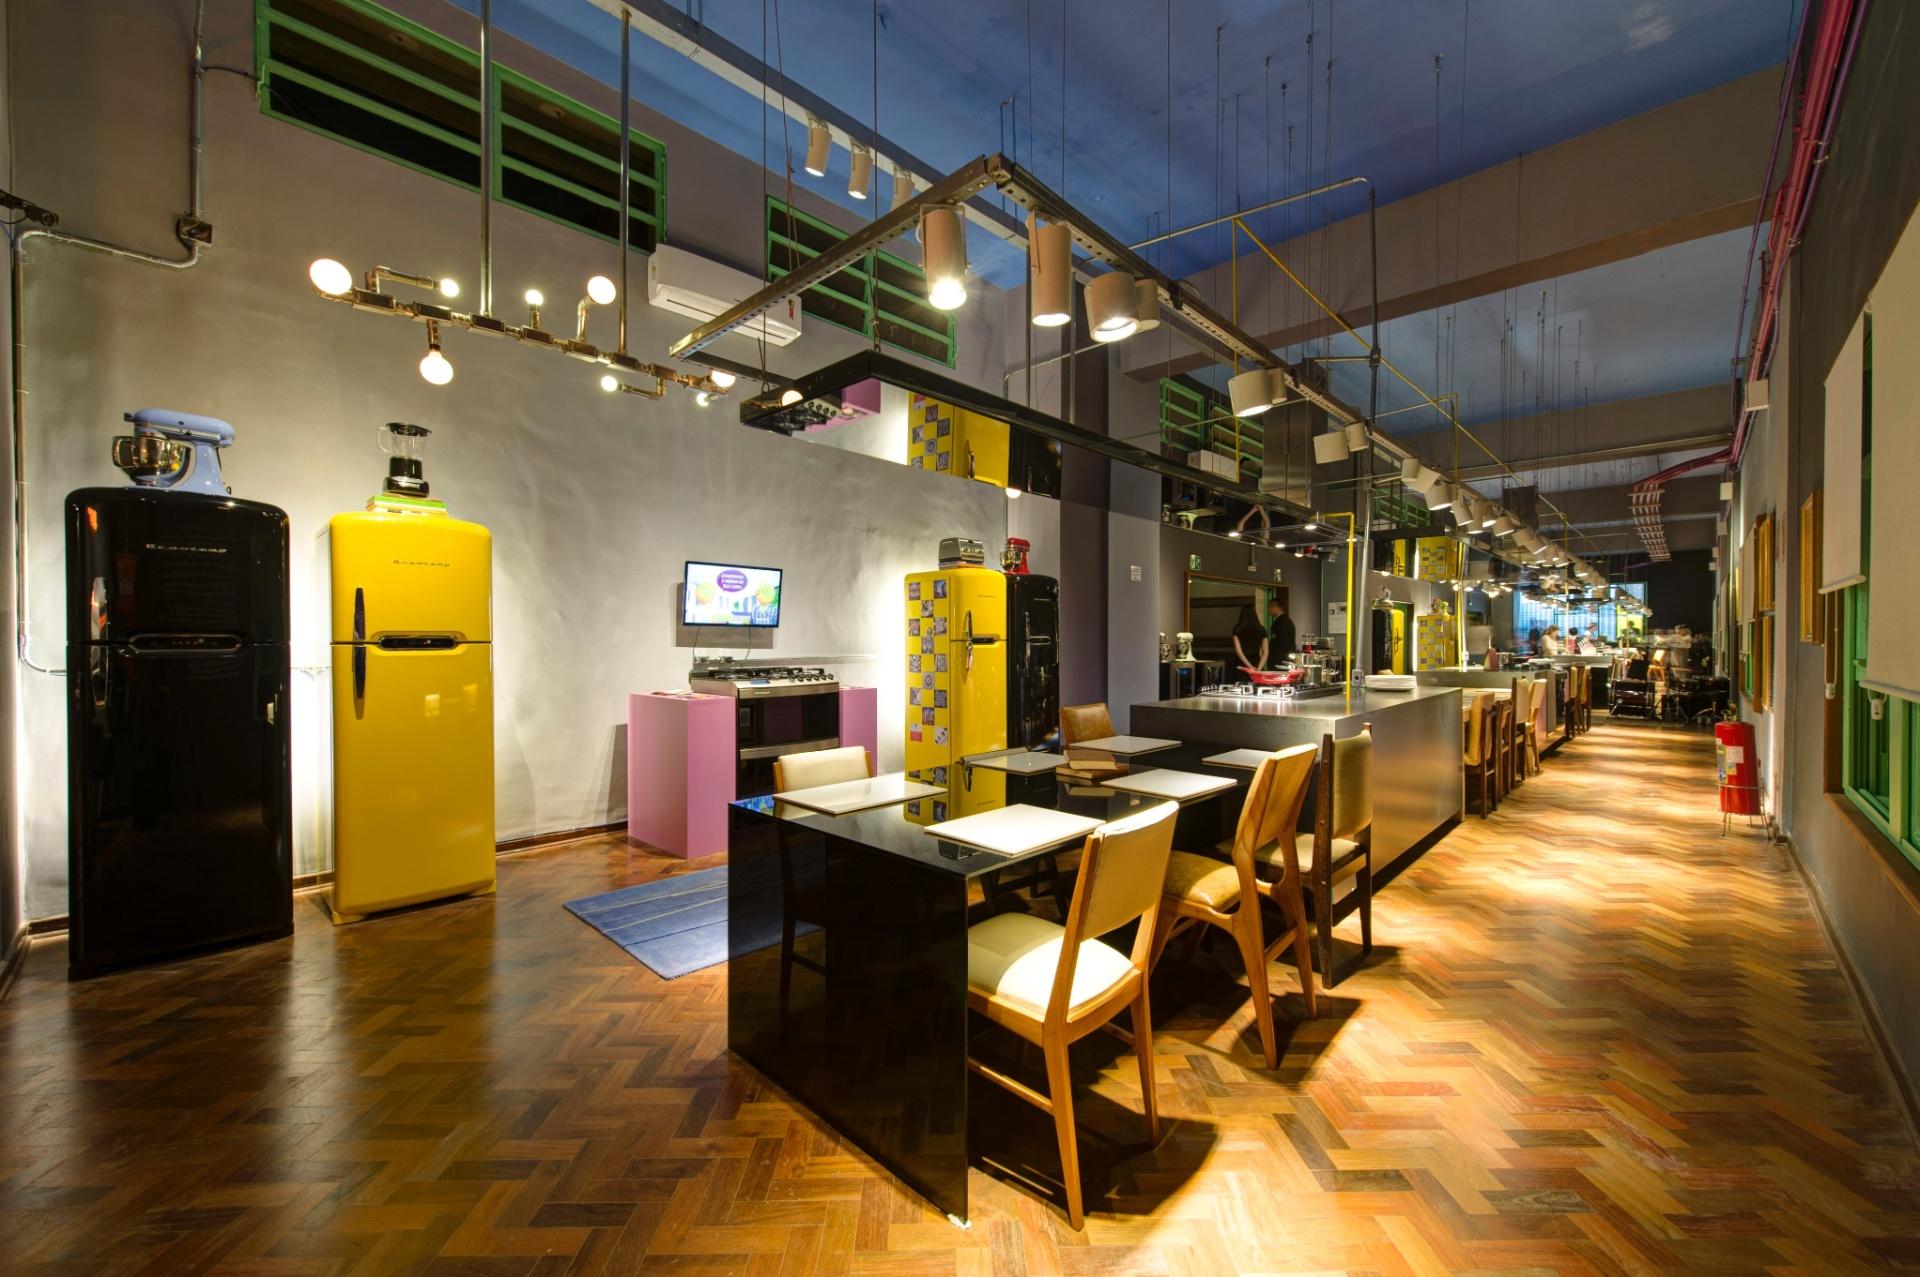 O Lounge Gourmet, desenhado por Gustavo Calazans, é dividido em quatro ilhas e mesas alinhadas, formando grandes bancadas. A 27ª Casa Cor SP segue até dia 21 de julho de 2013, no Jockey Club de São Paulo